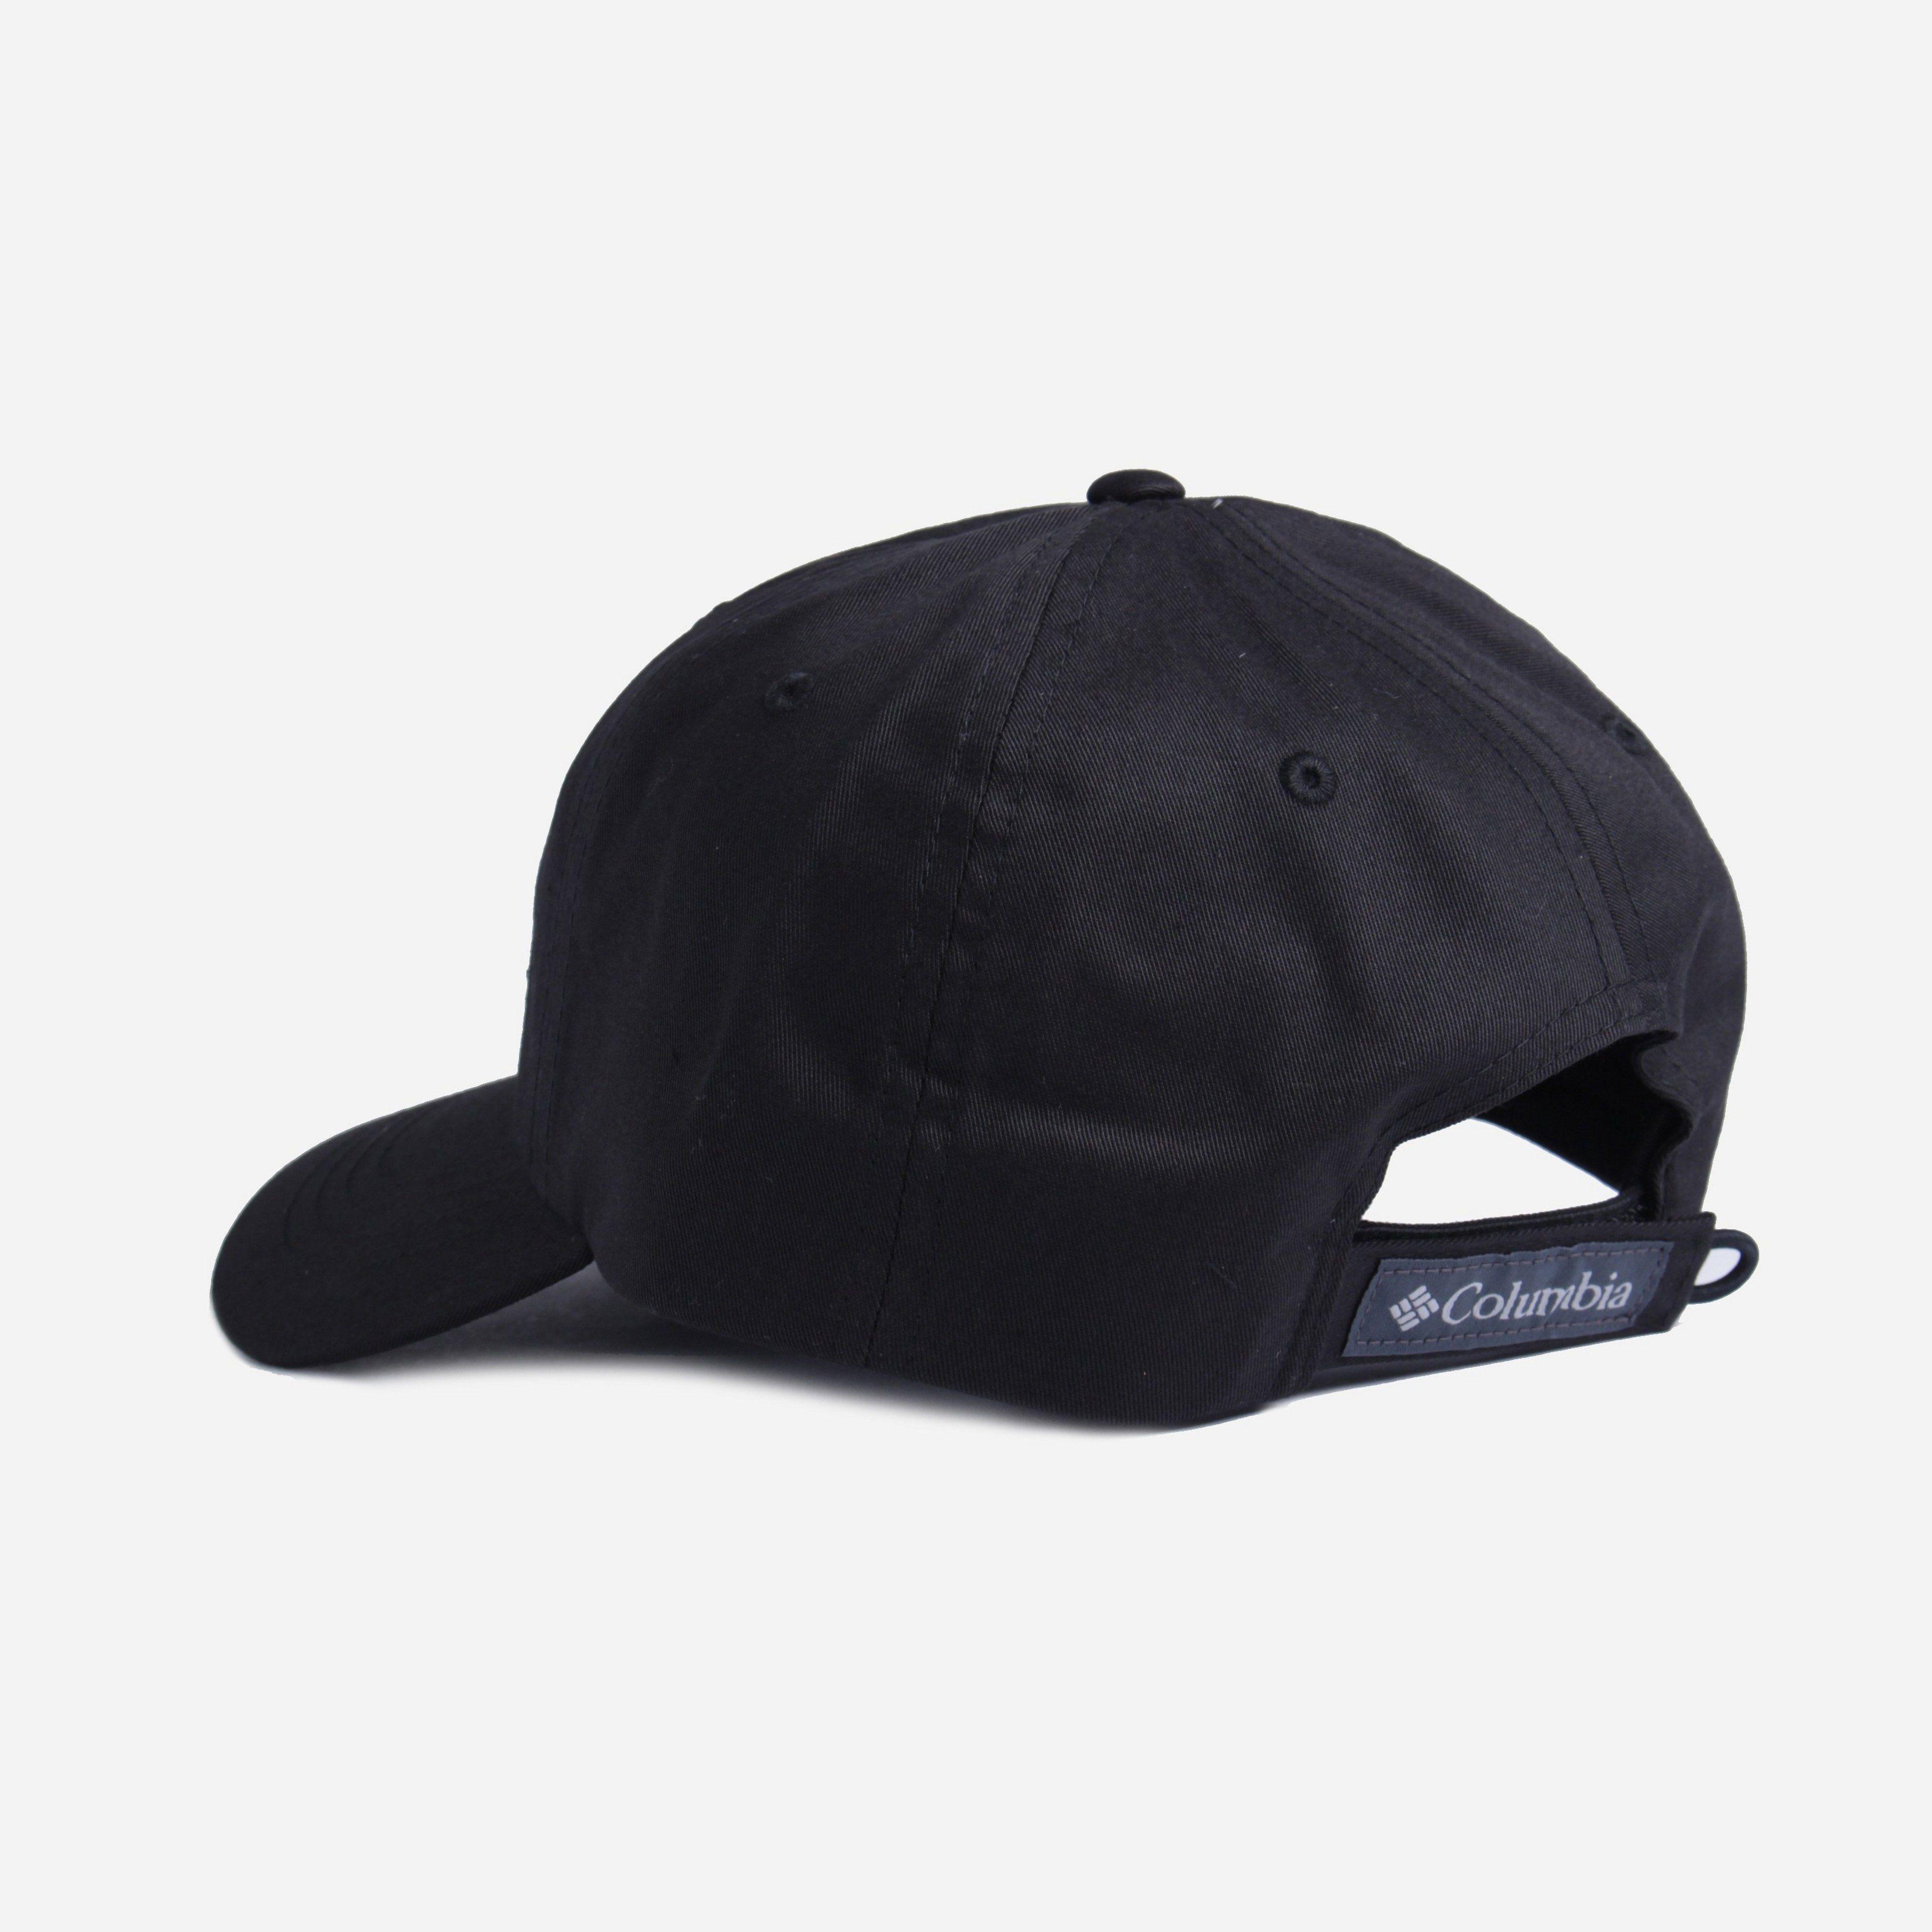 Columbia 1766611010 ROC II HAT